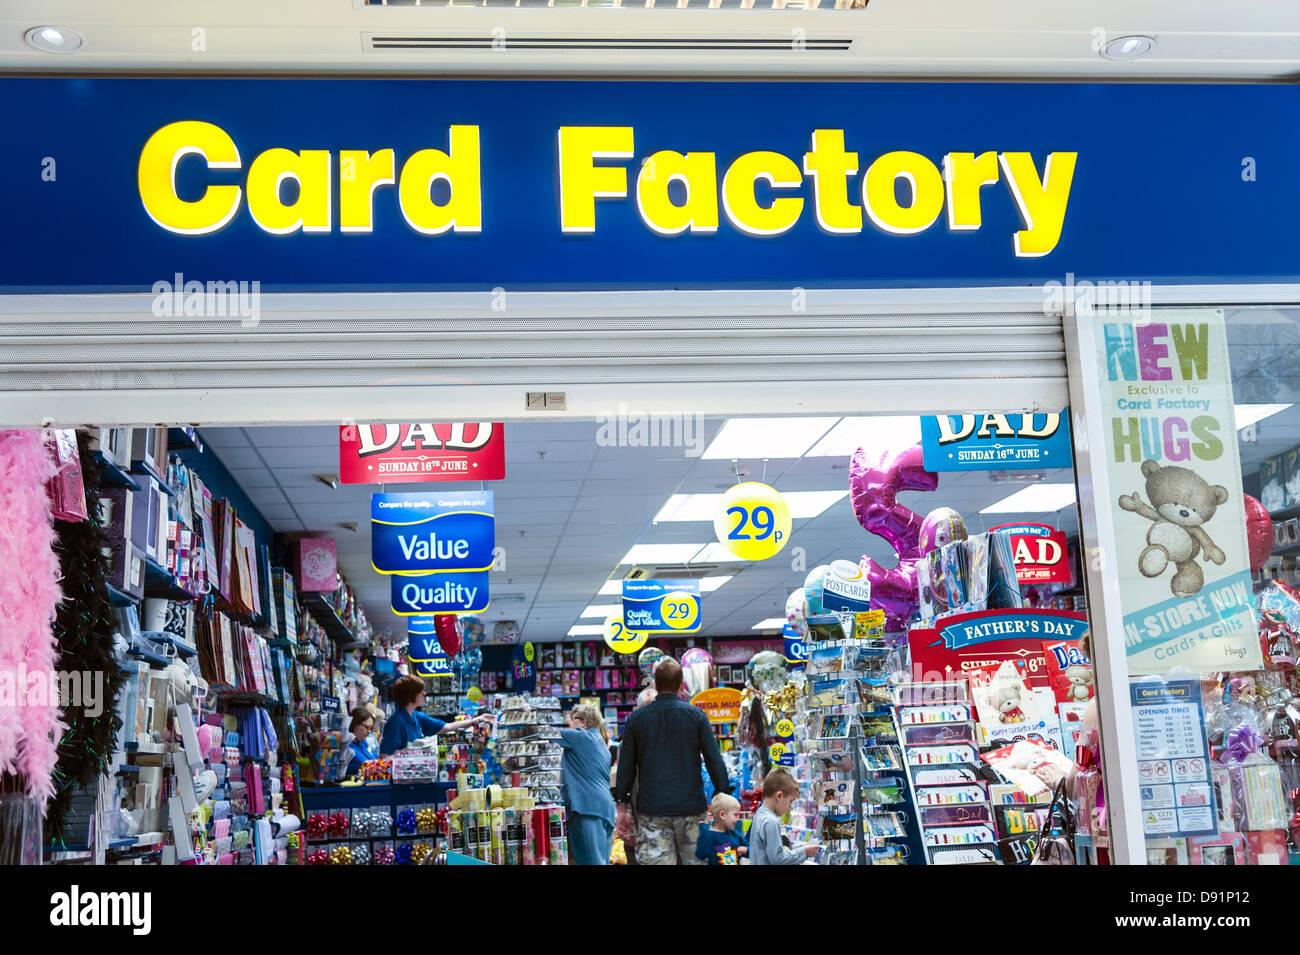 Tarjeta Tienda de fábrica en Weston super Mare, Reino Unido. Imagen De Stock